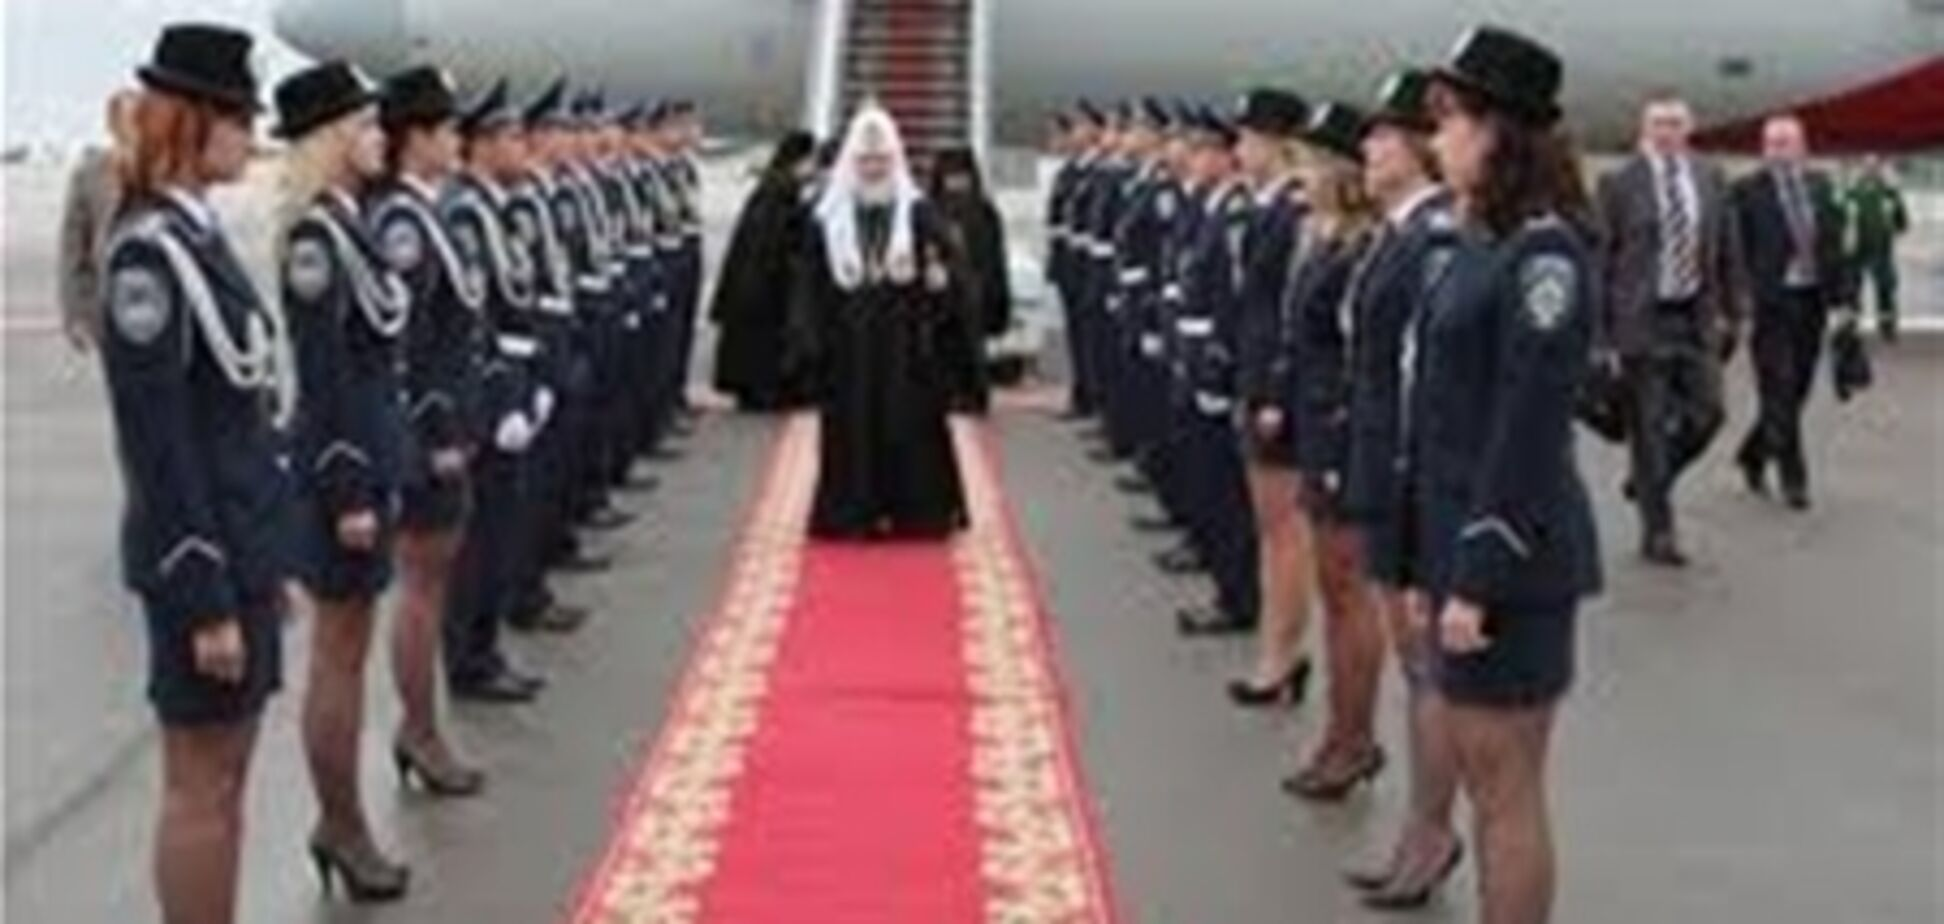 Кортеж Патриарха Кирилла на прогулке. ВИДЕО